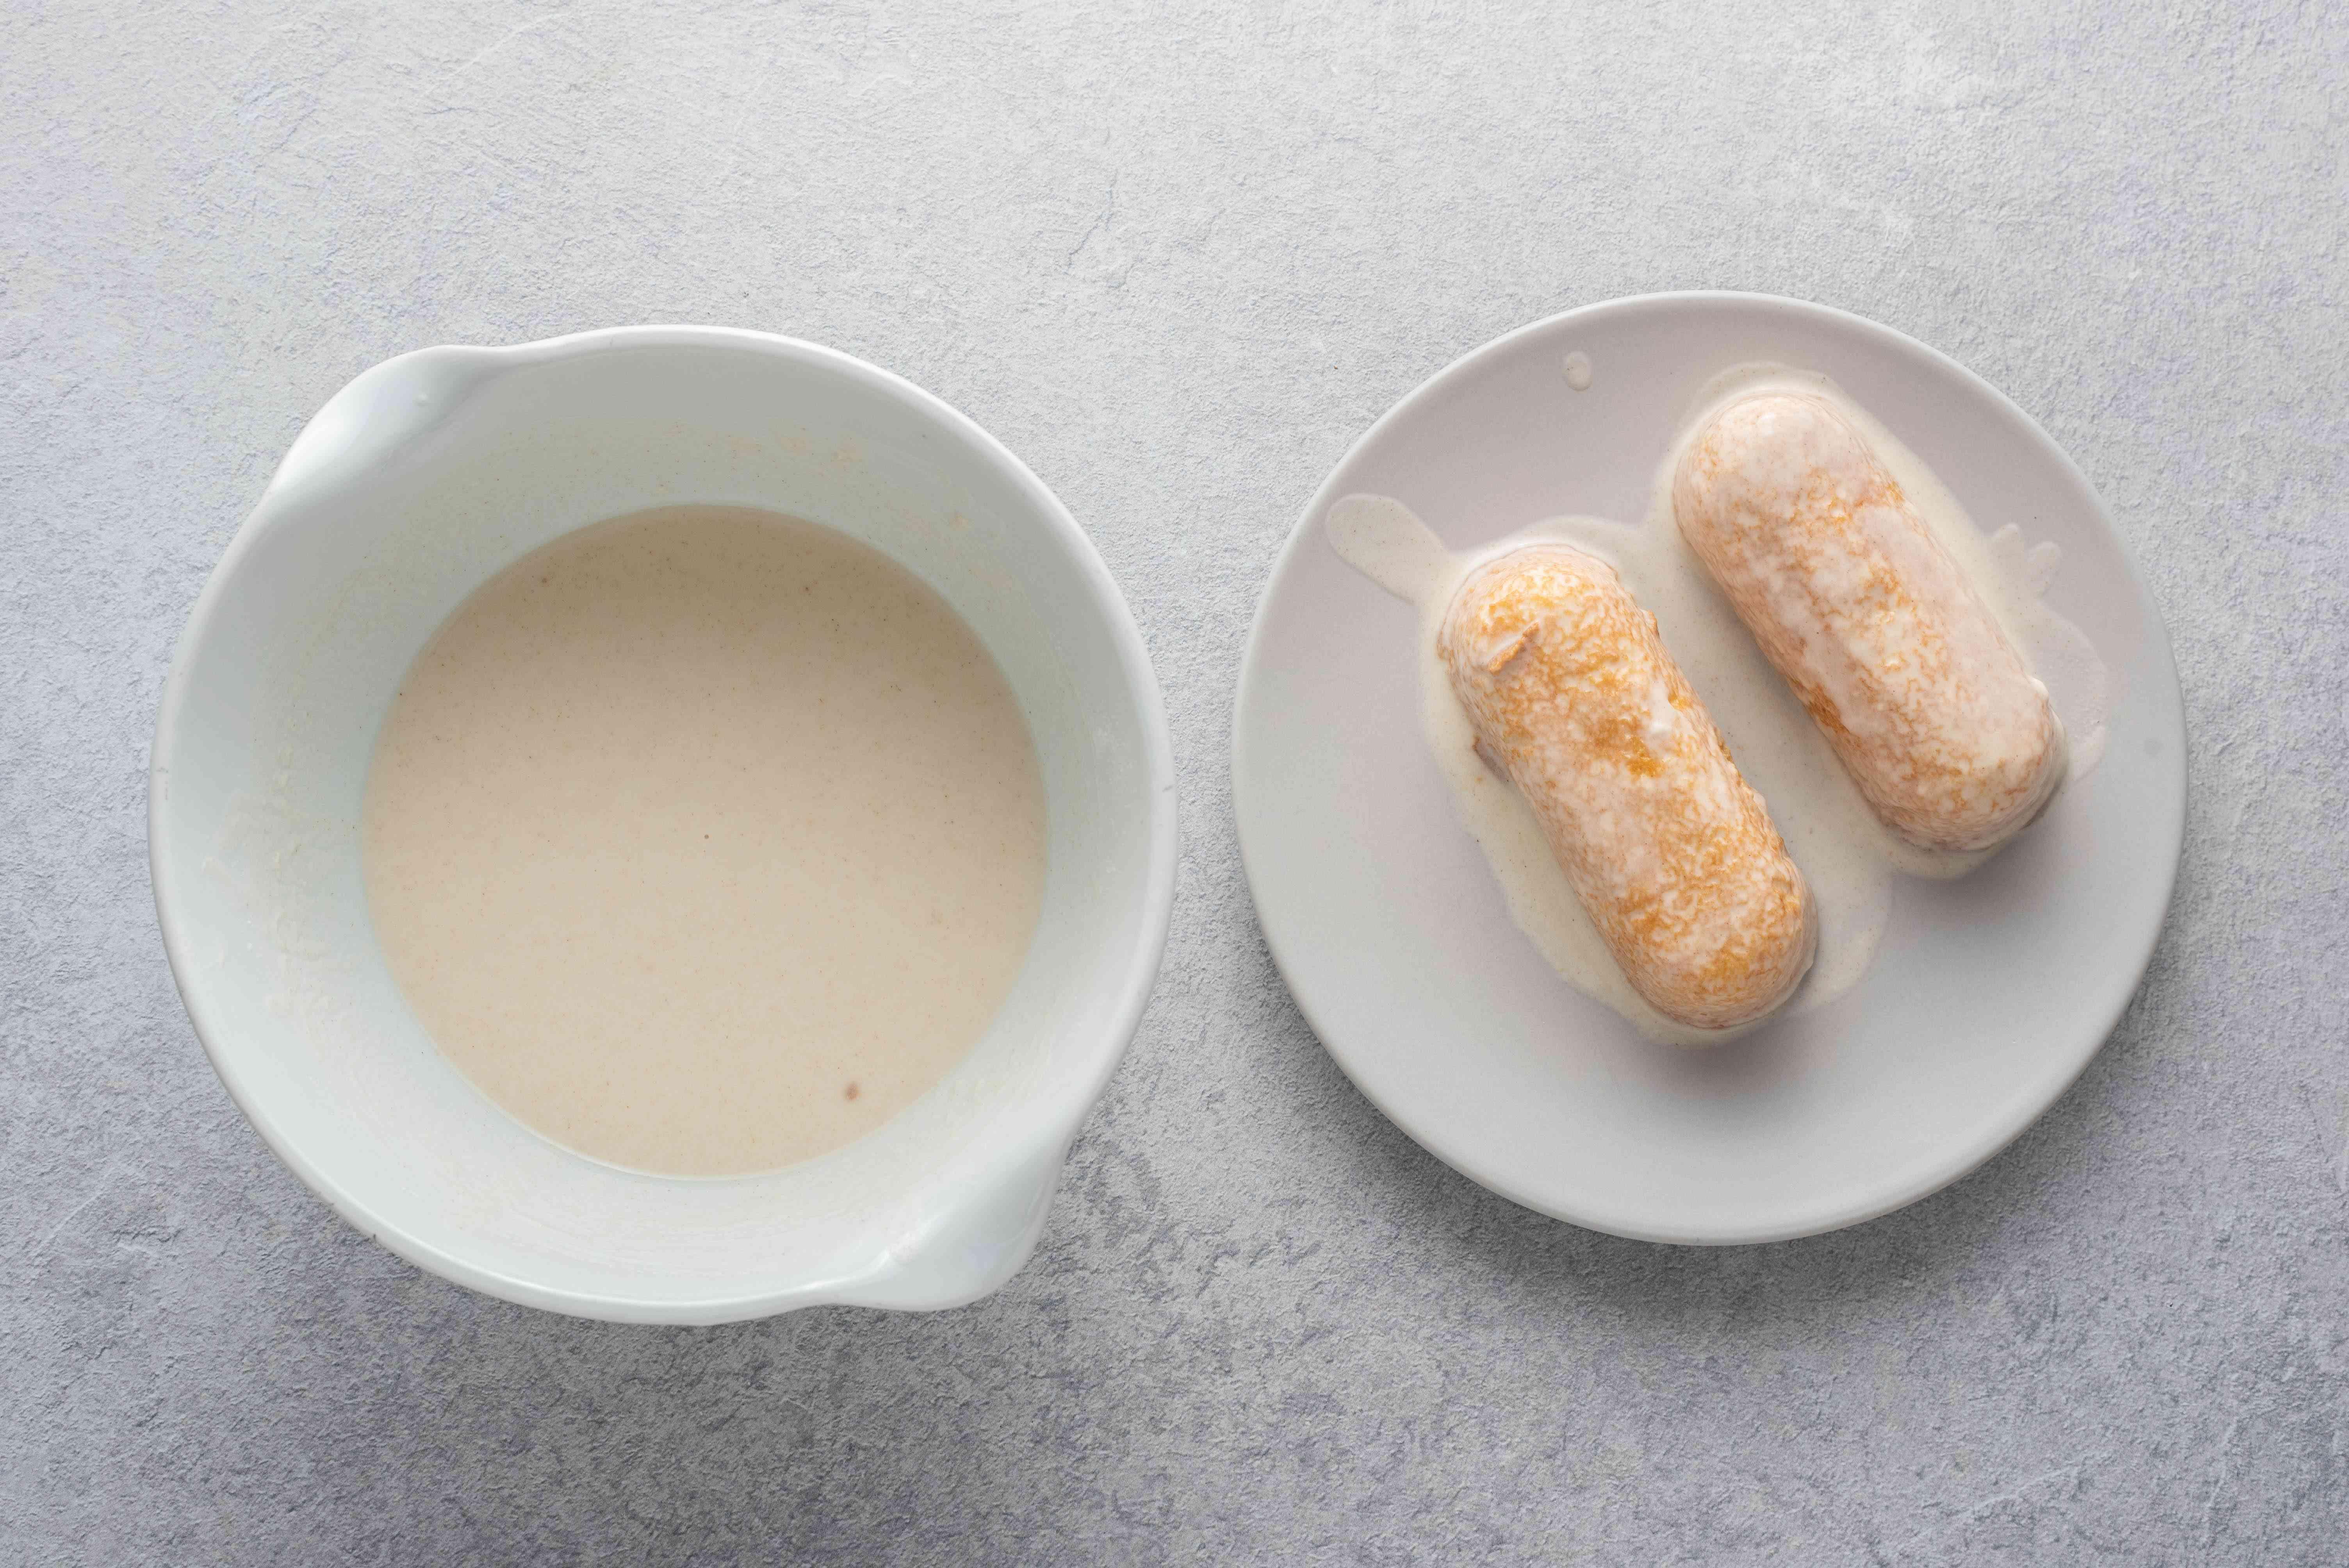 frozen Twinkies dipped in batter